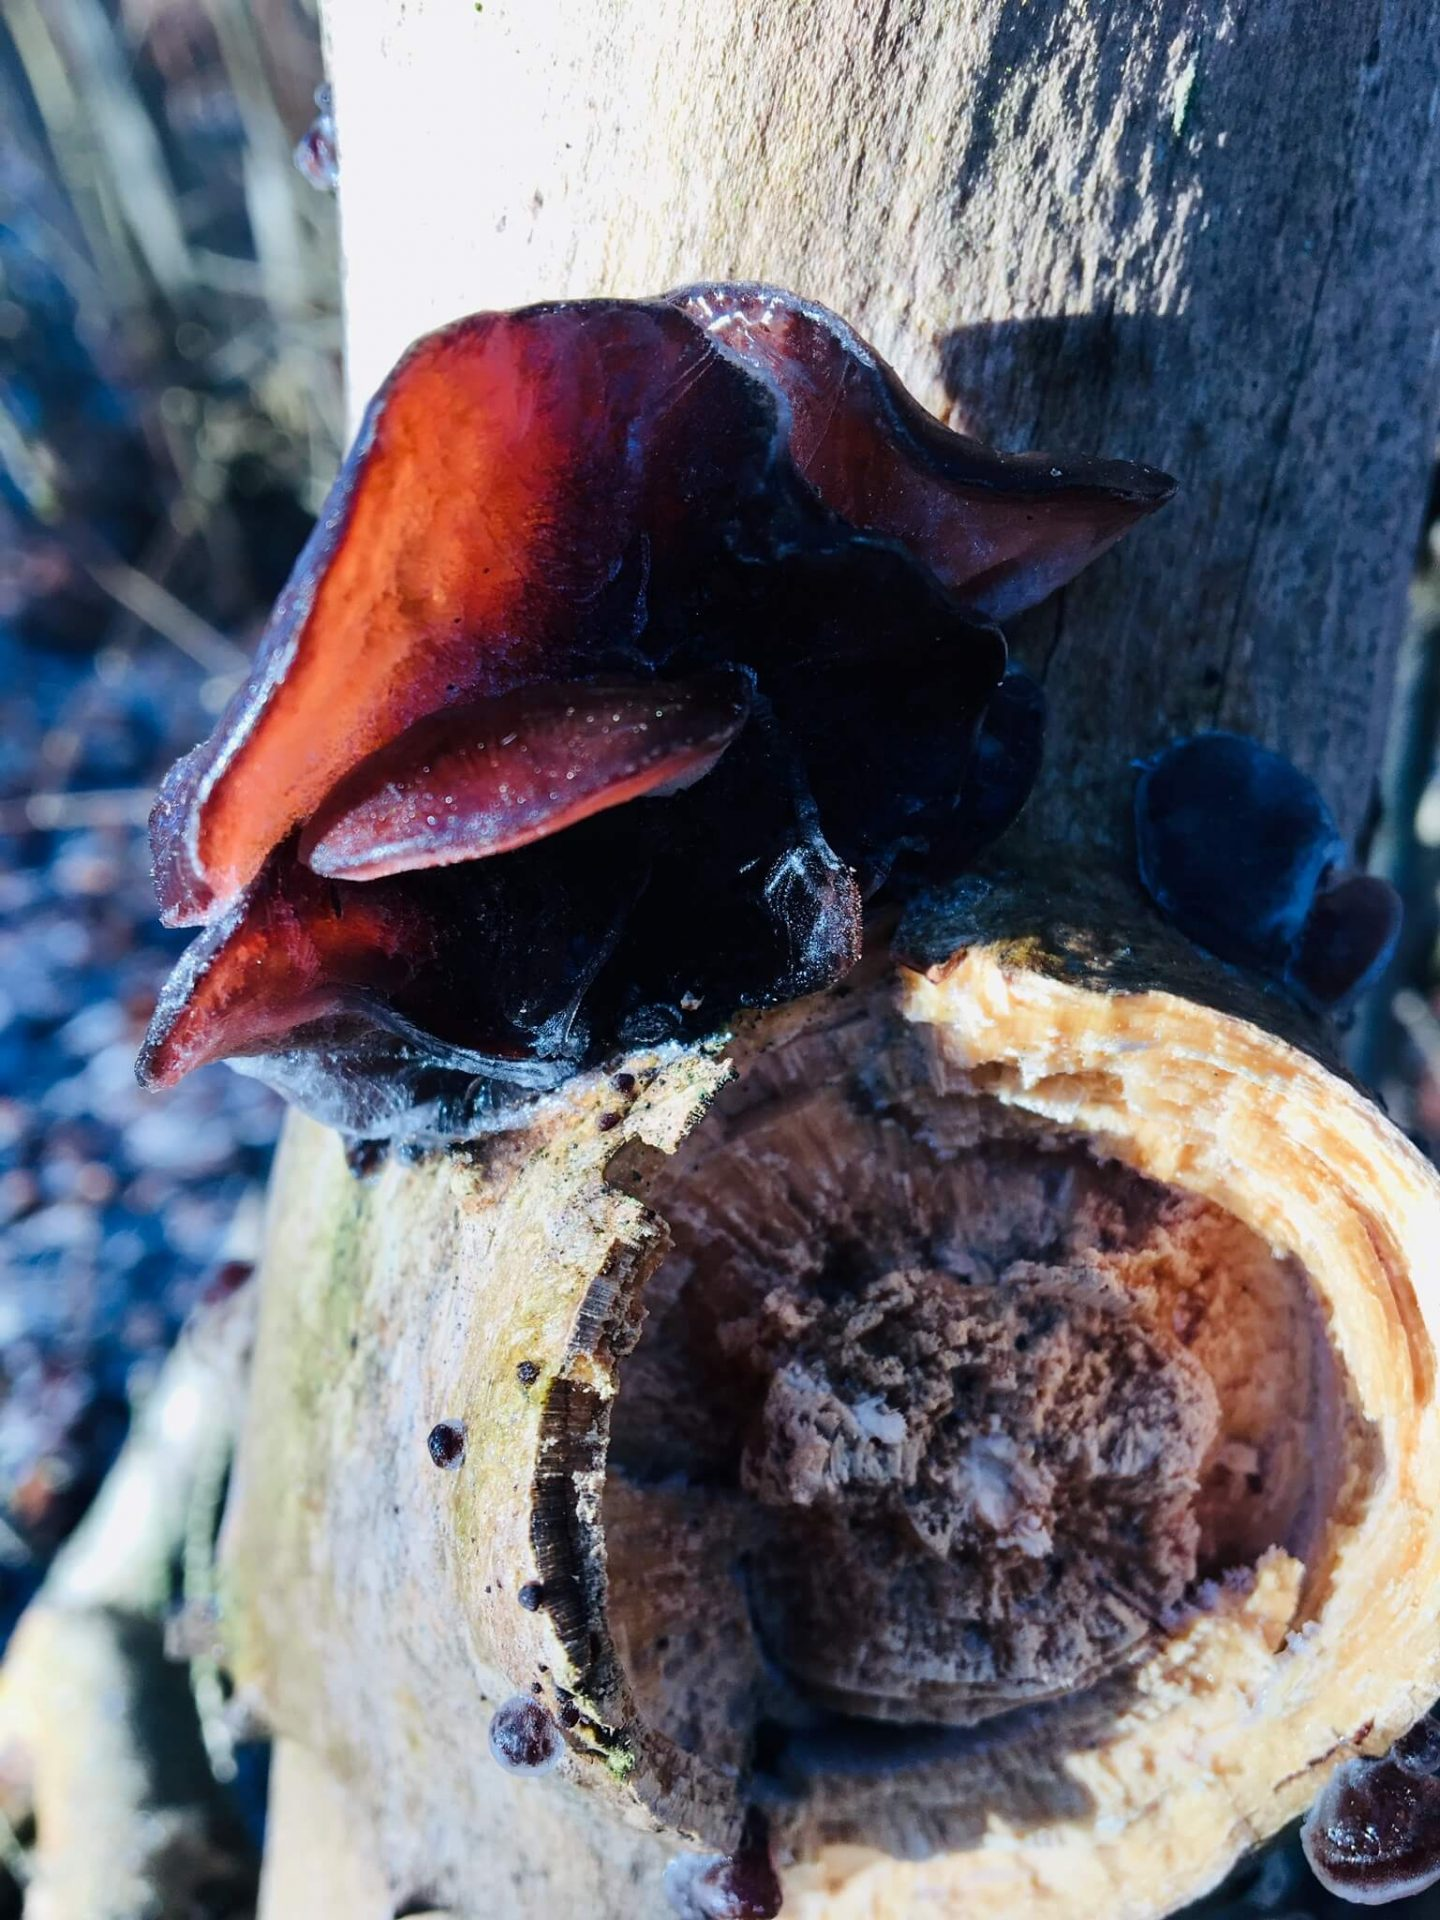 Træstamme med frostkrystaller og  rødbrun svamp, der vokser på det.